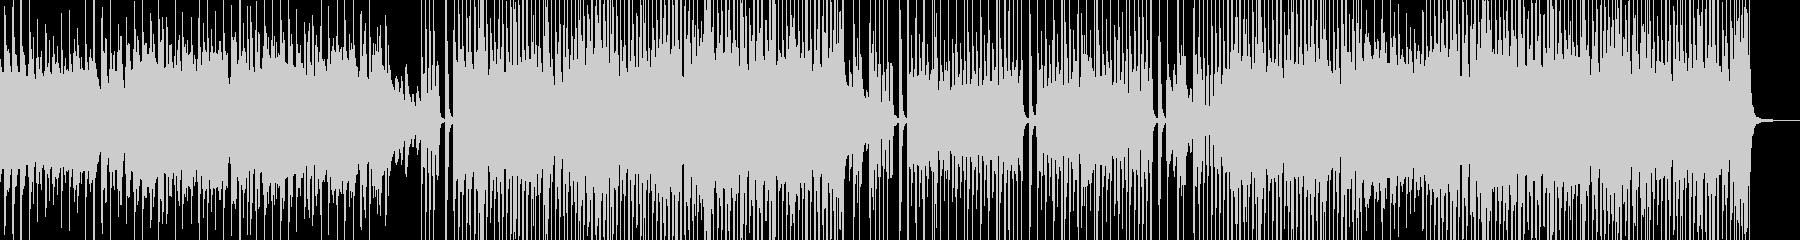 笑顔&陽気な動画に・スィングポップ F3の未再生の波形